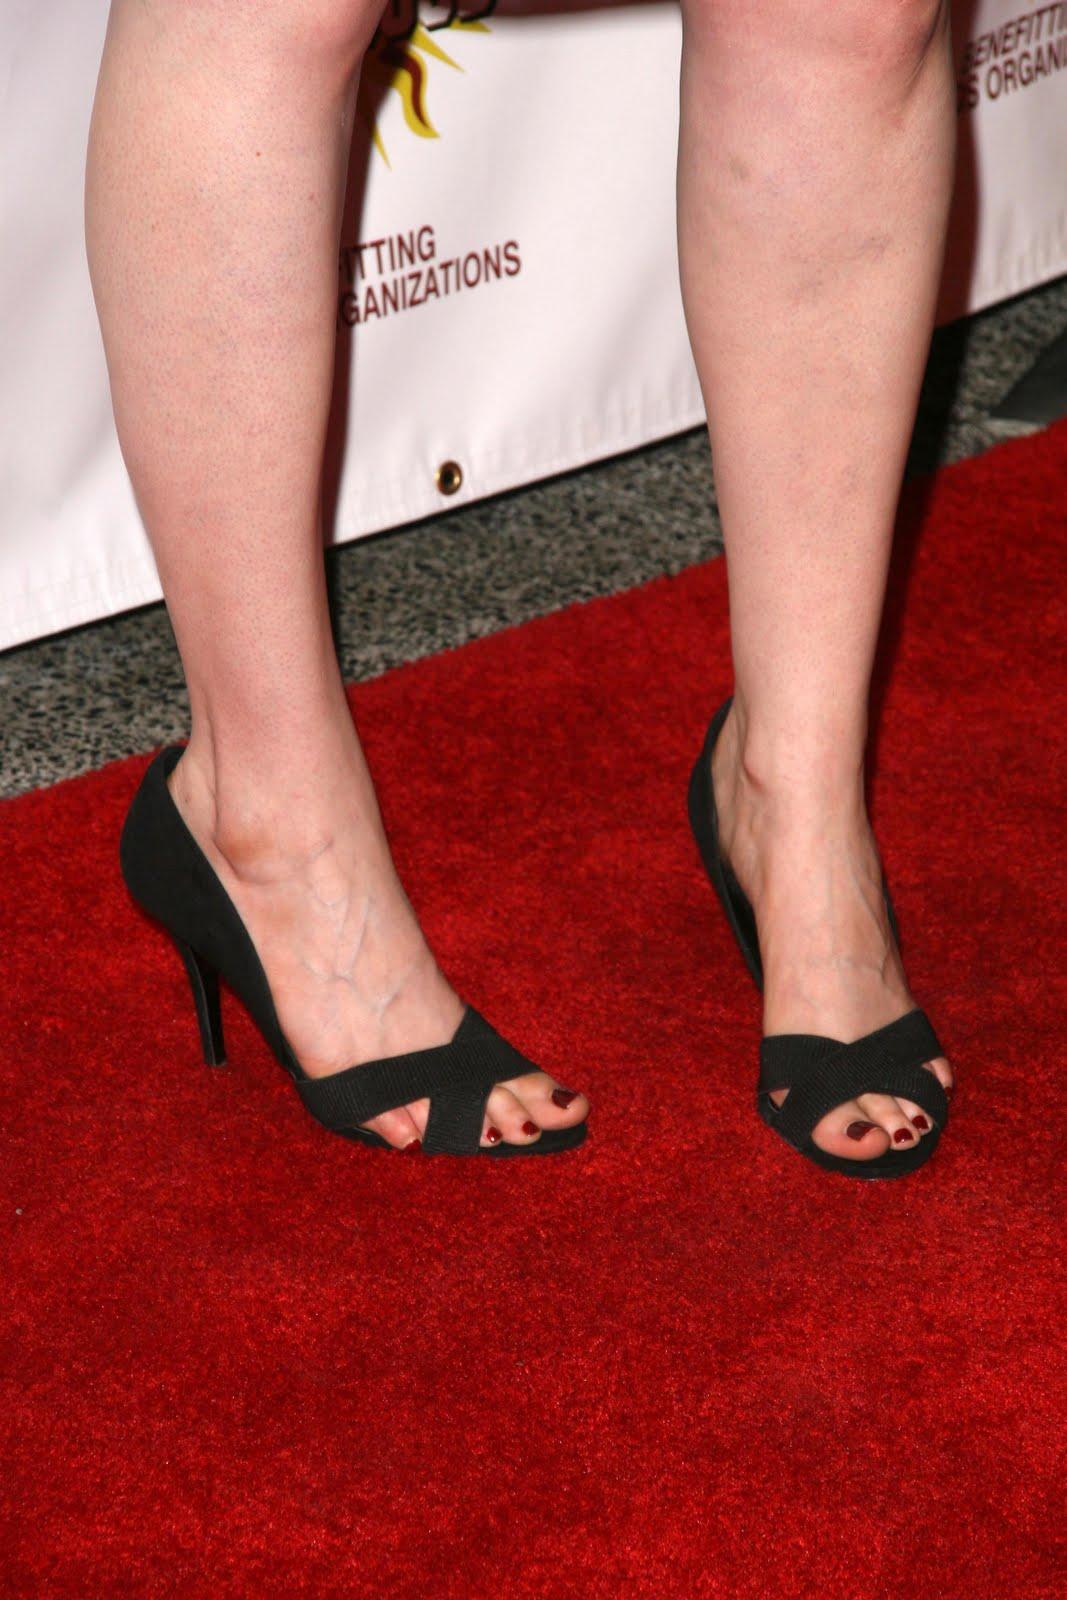 Valuable Emily deschanel naked feet